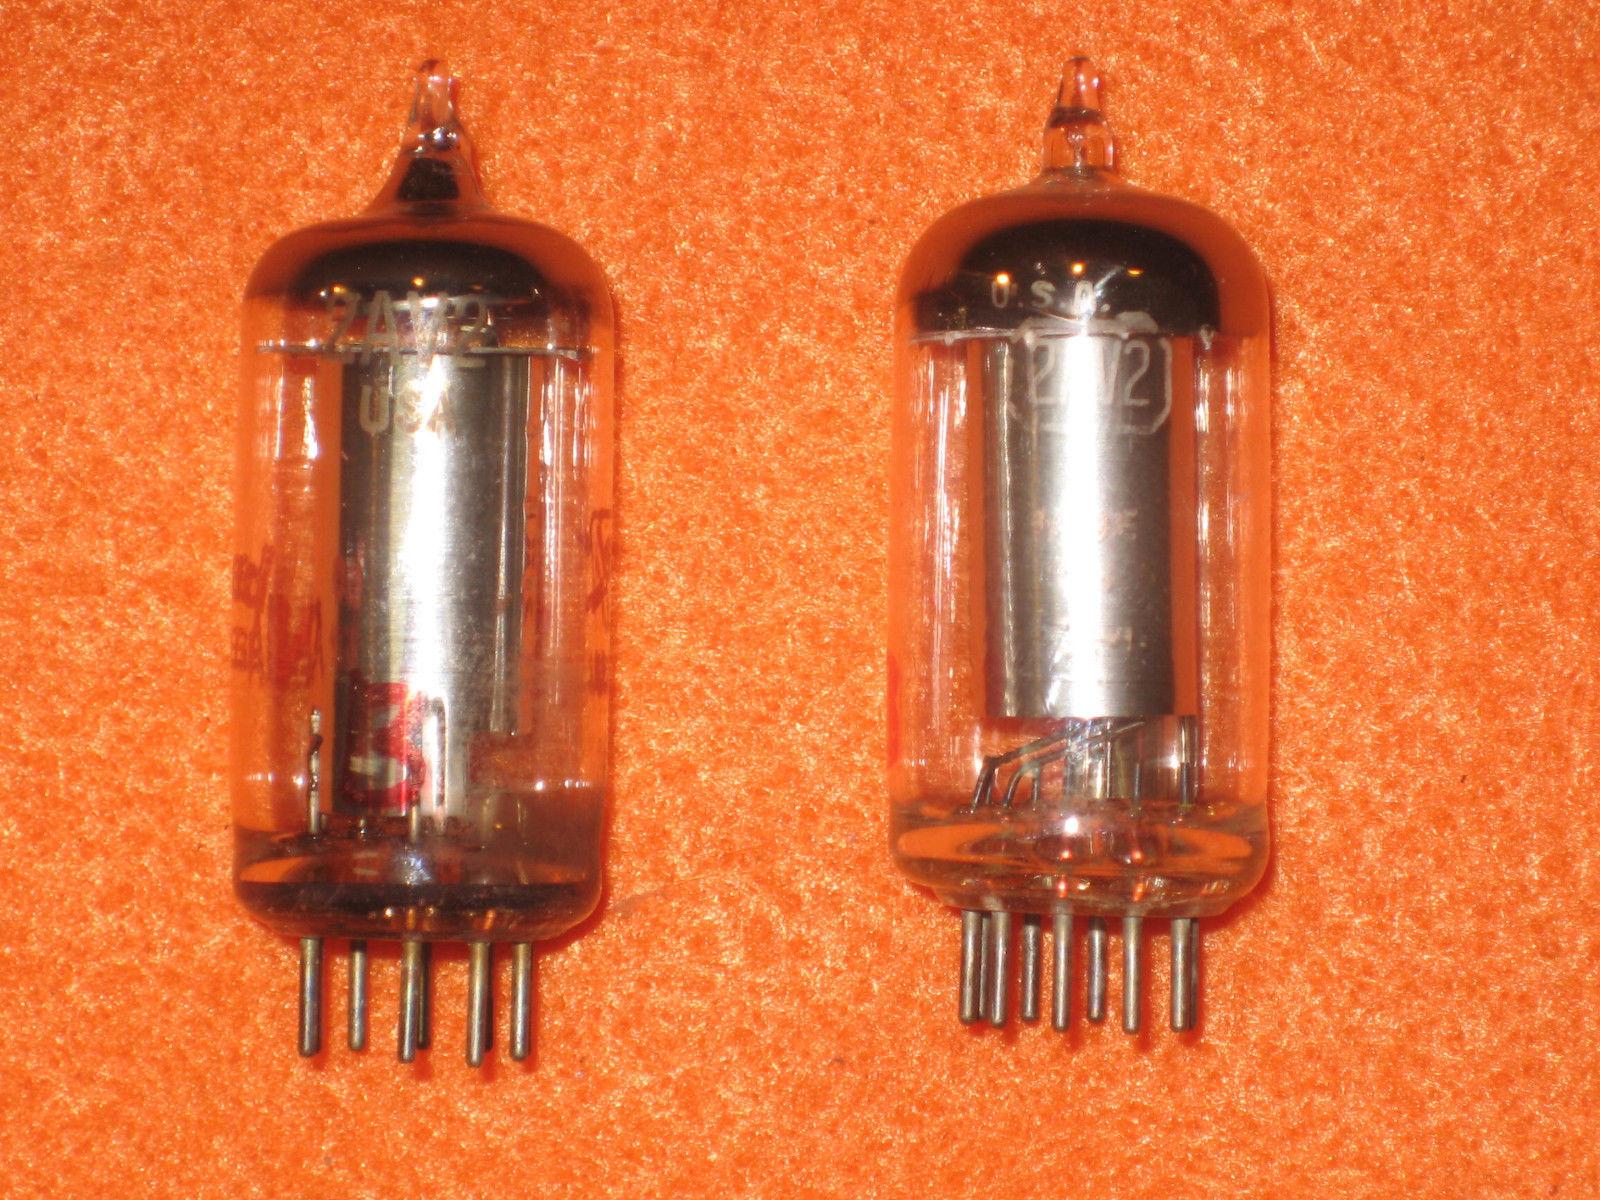 Vintage Radio Vacuum Tube (one): 2AV2 - Tested Good